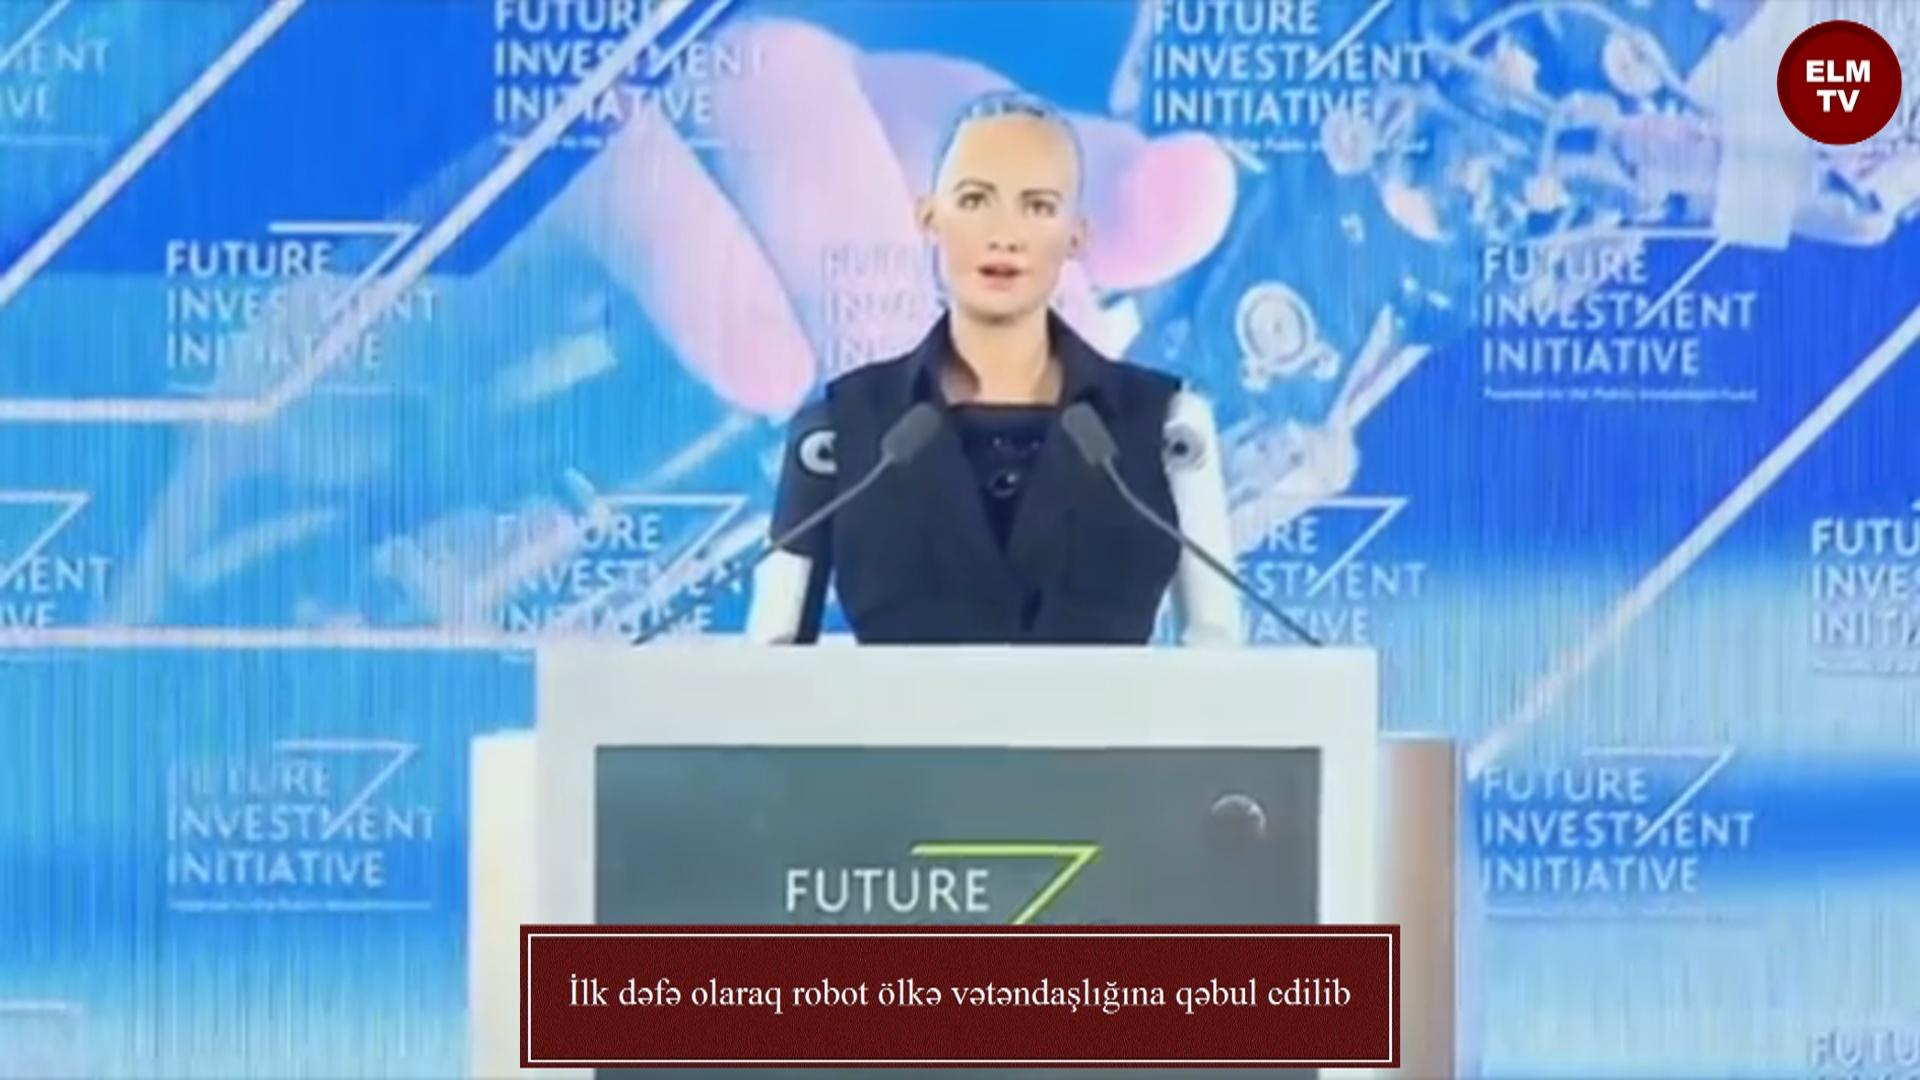 İlk dəfə olaraq robot ölkə vətəndaşlığına qəbul edilib